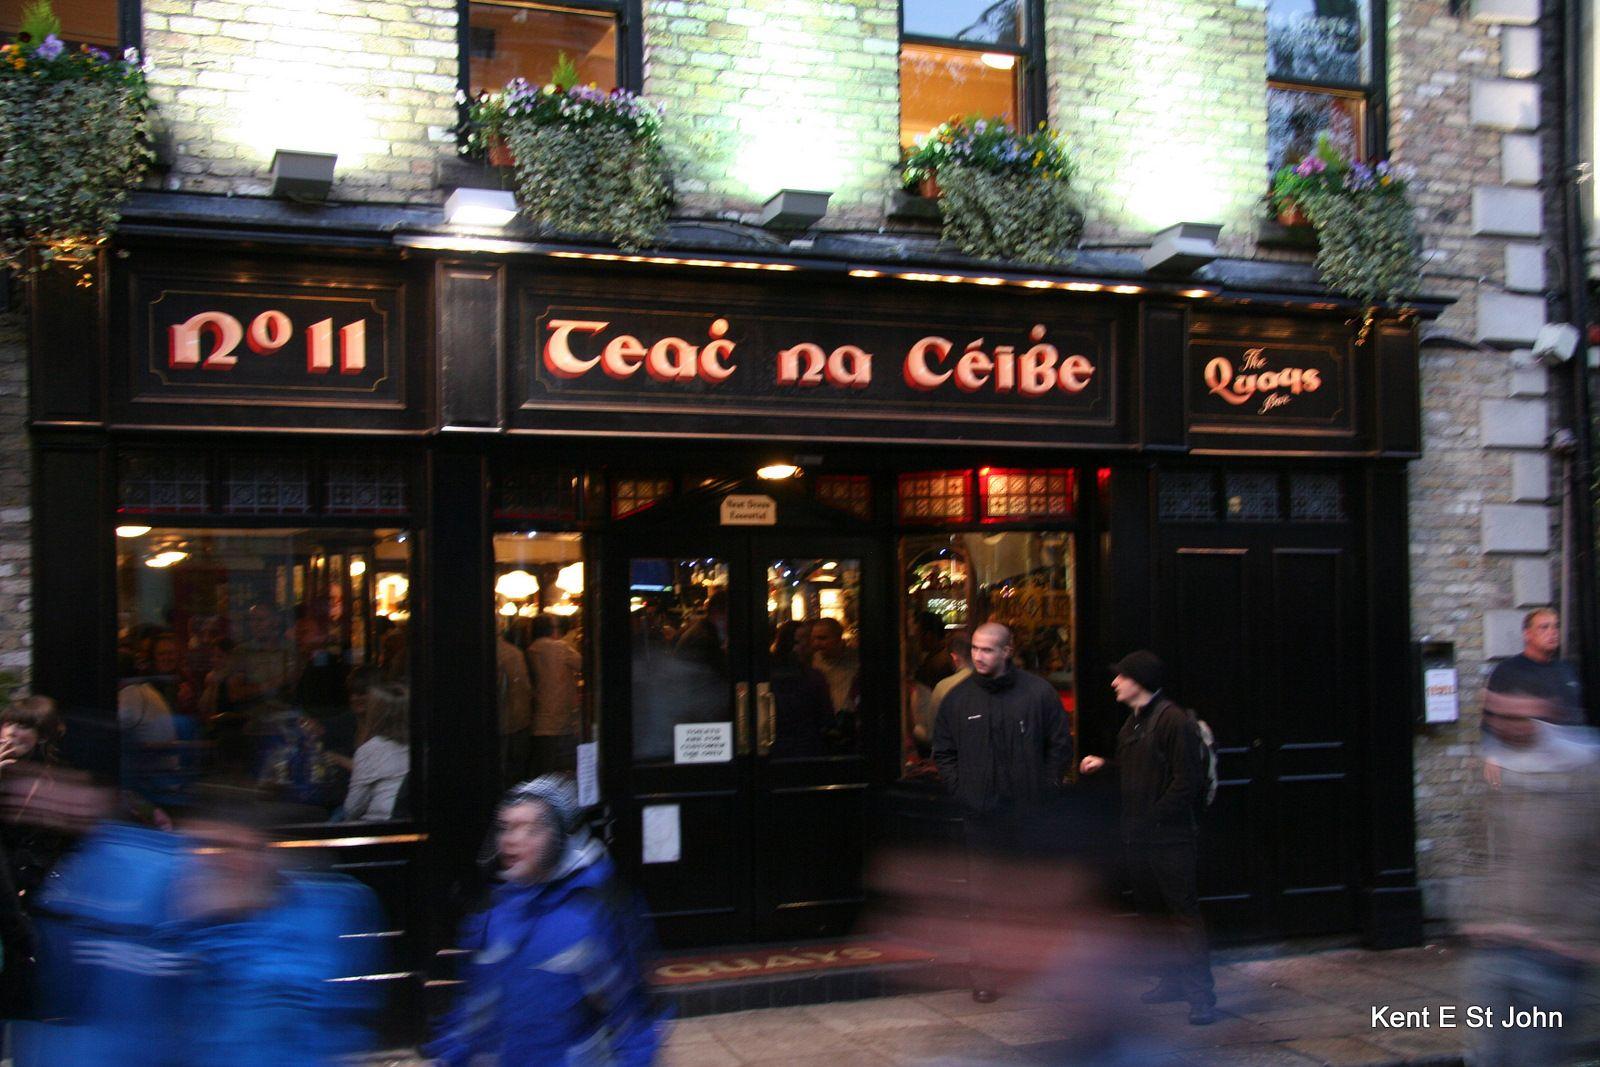 Dublin's Pubs, Giunness and Job Security Dublin pubs